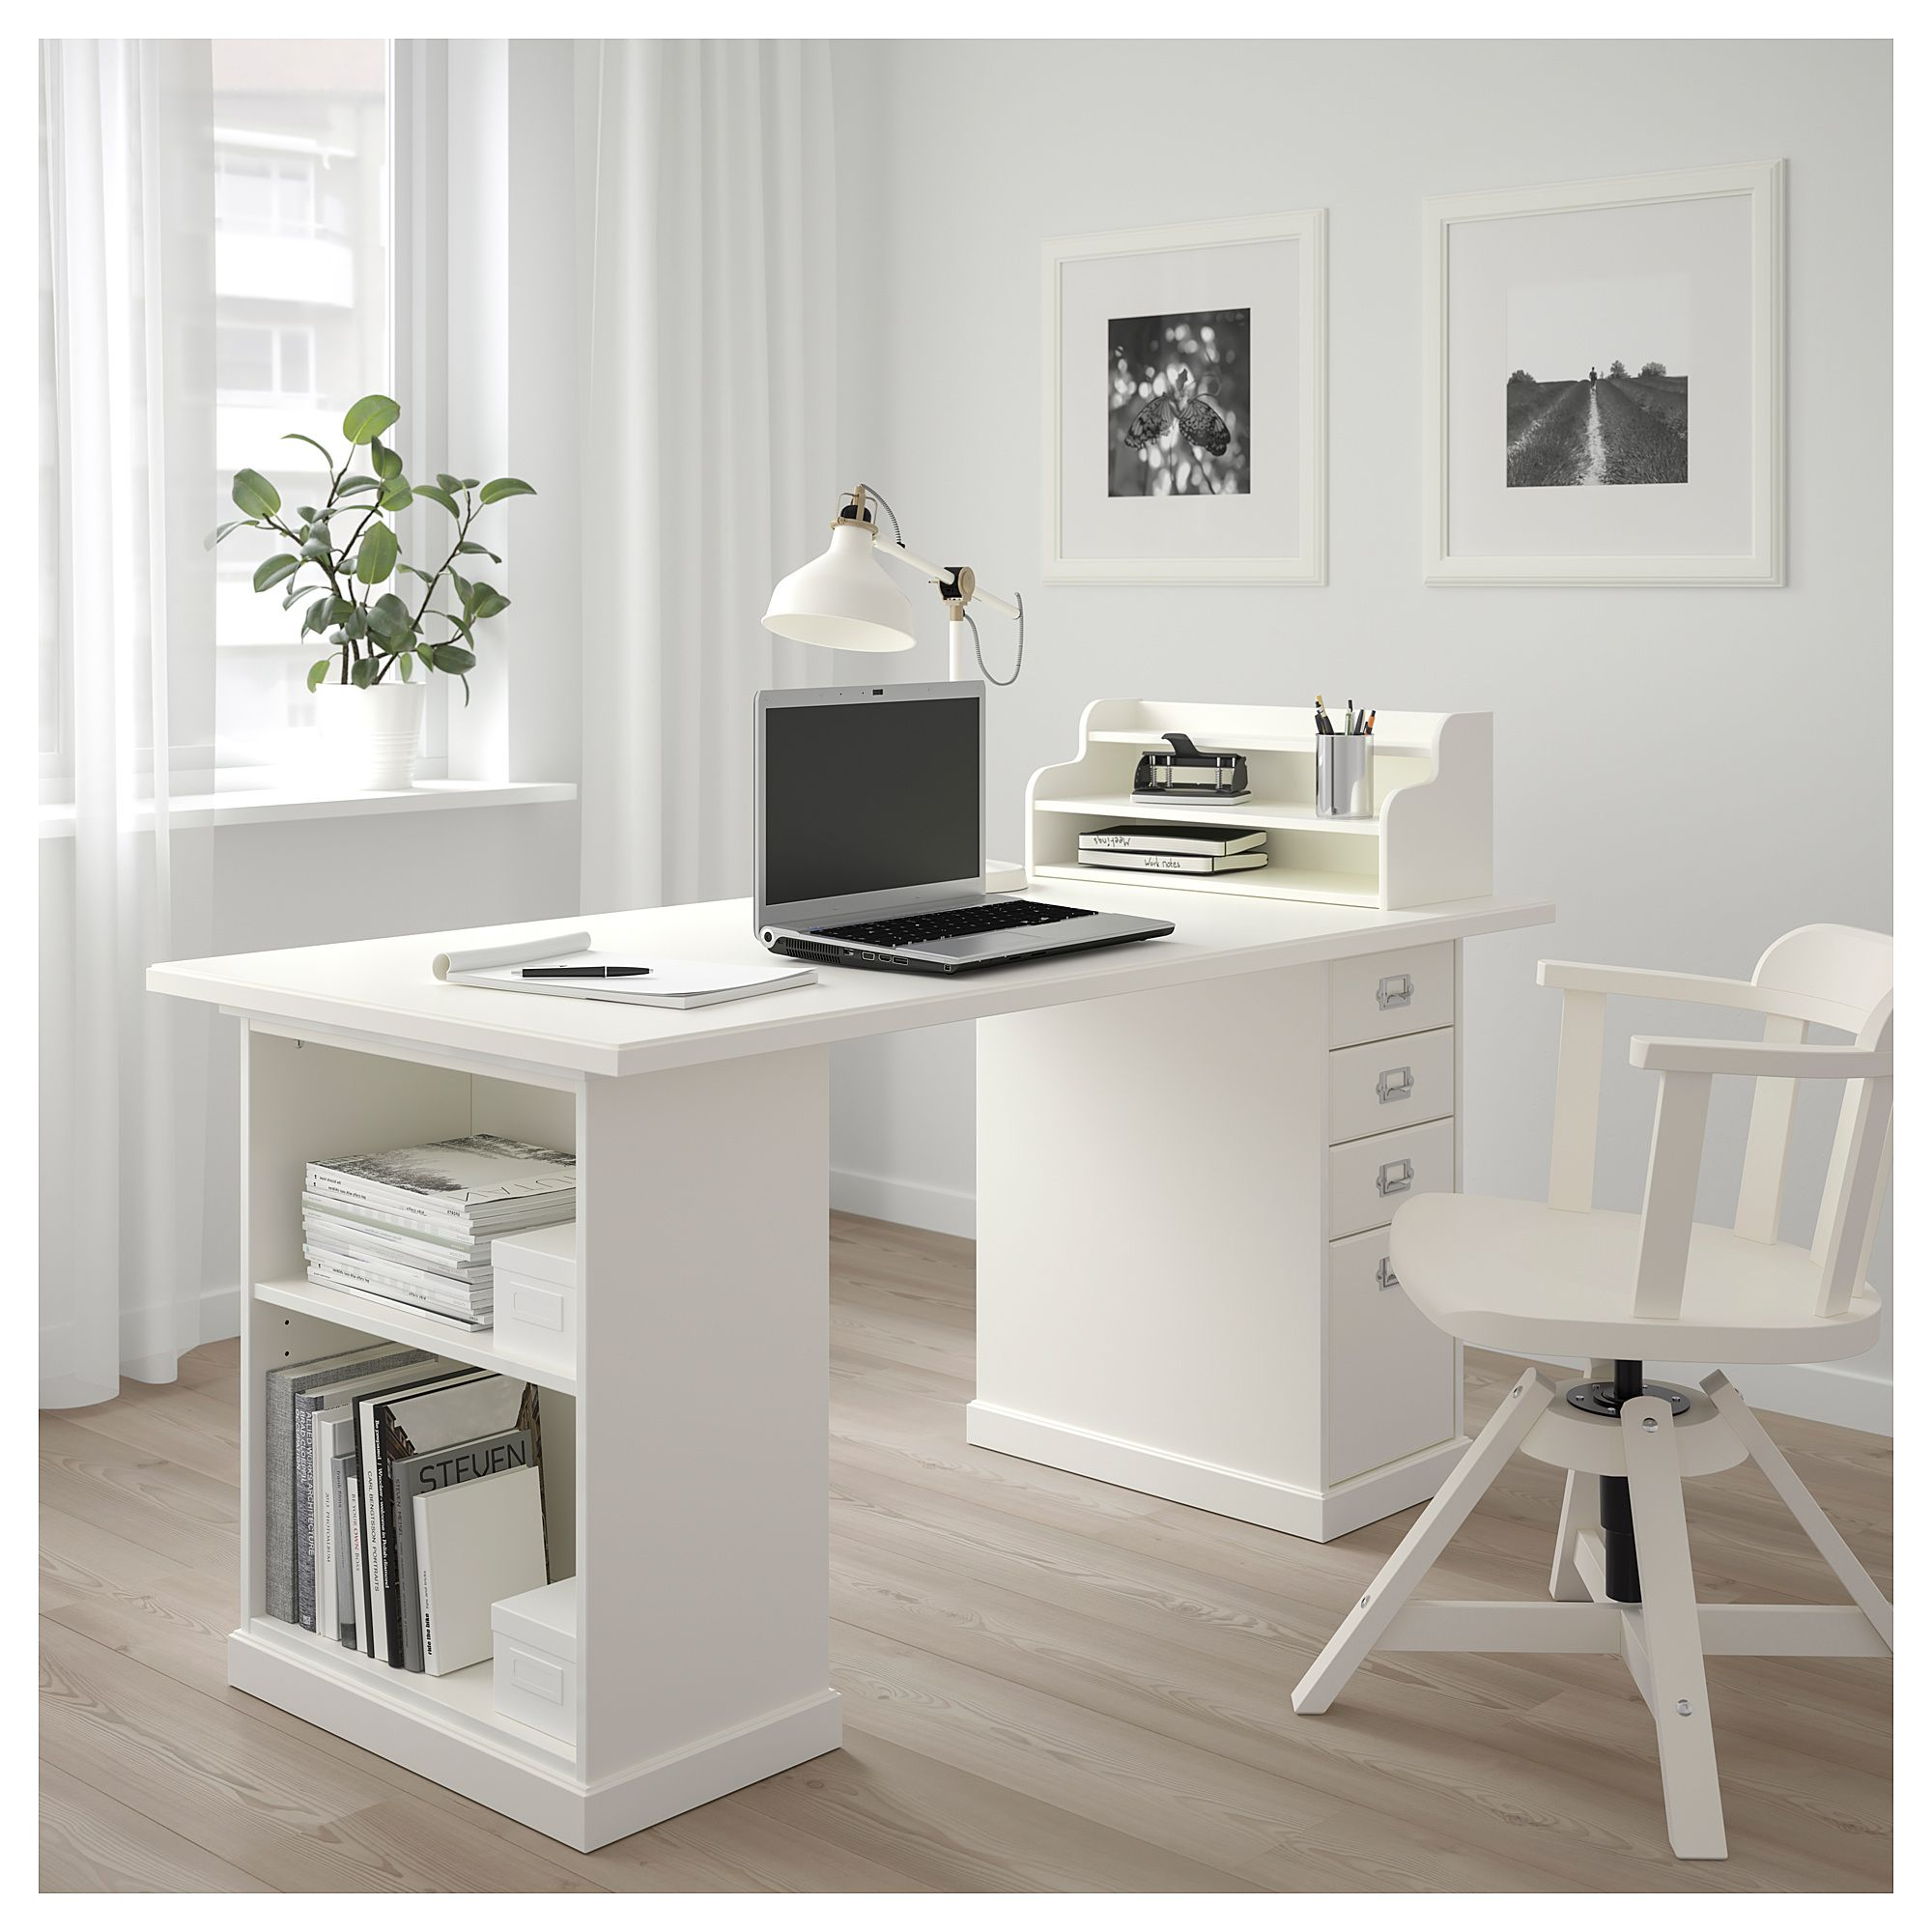 IKEA - KLIMPEN Table Light Gray